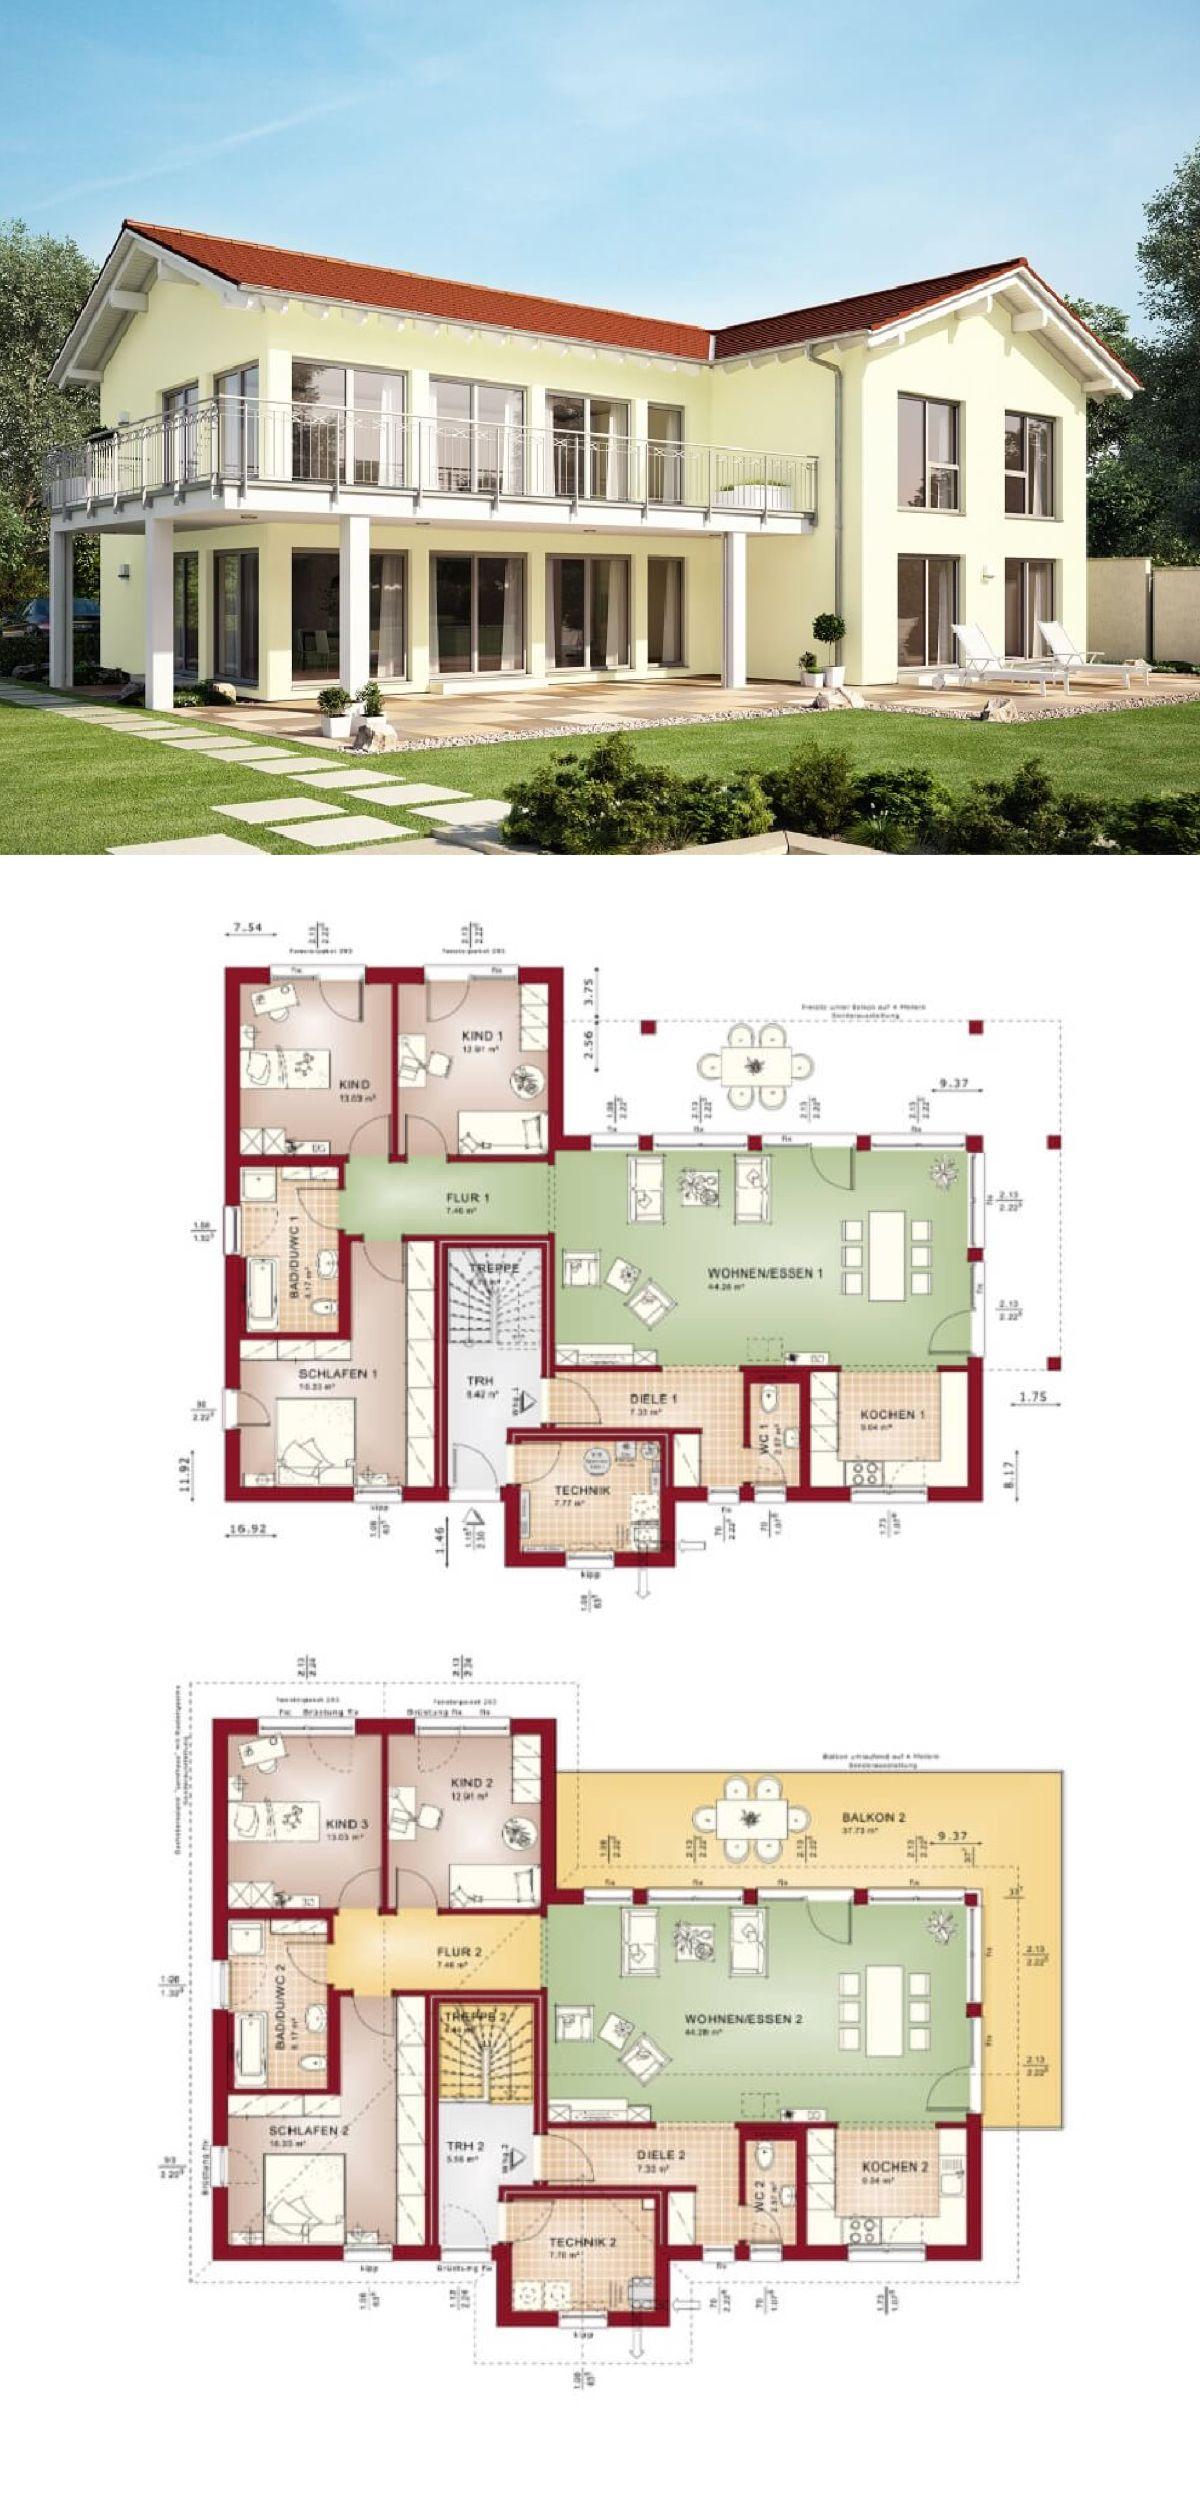 zweifamilienhaus mit satteldach und einliegerwohnung haus grundriss celebration 282 v3 bien. Black Bedroom Furniture Sets. Home Design Ideas